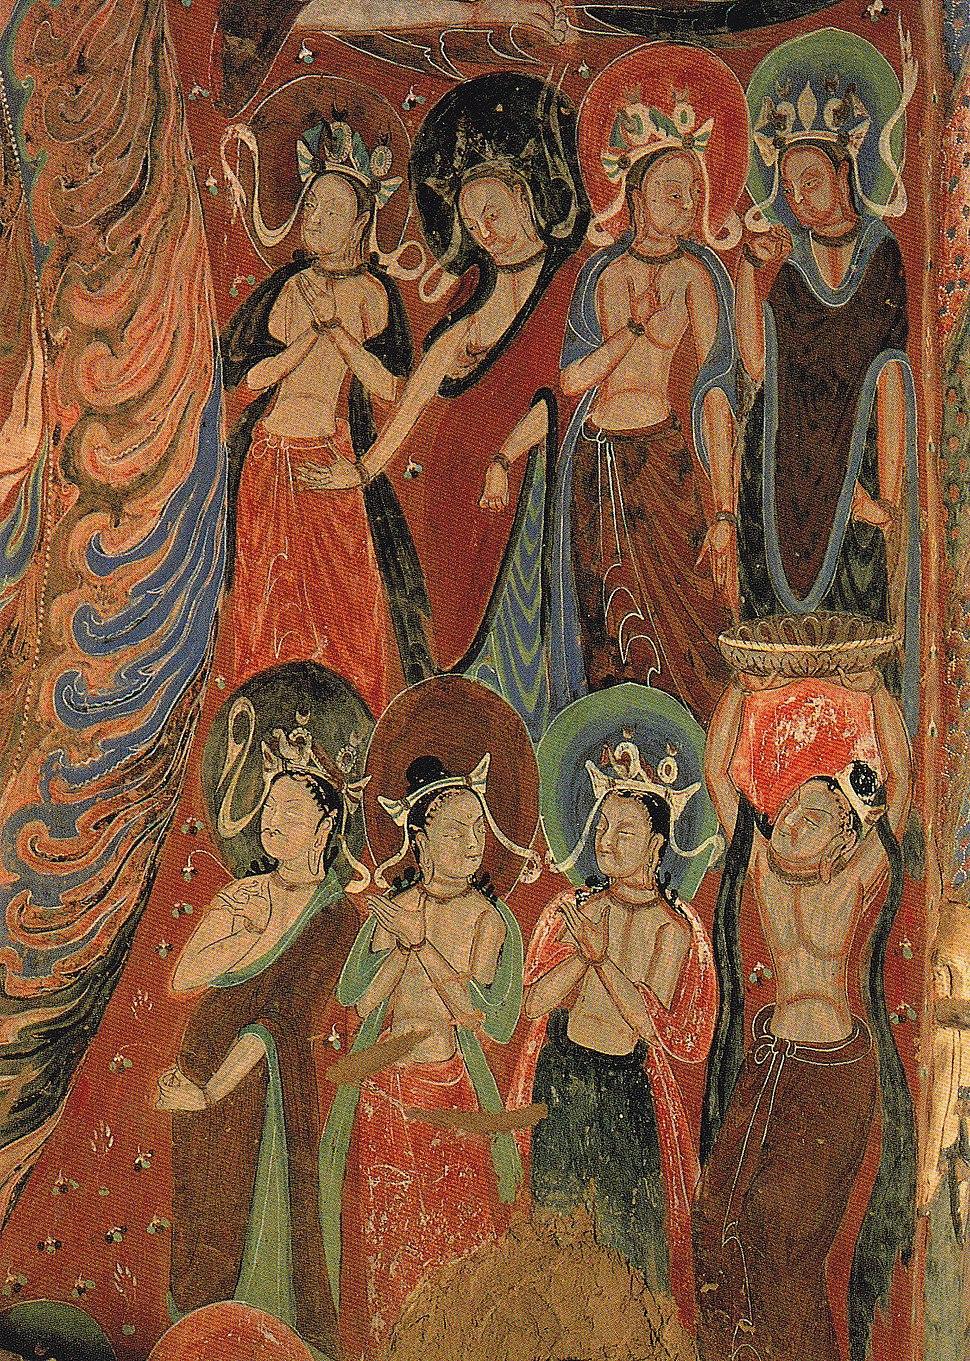 Mural Worshipping Bodhisattva